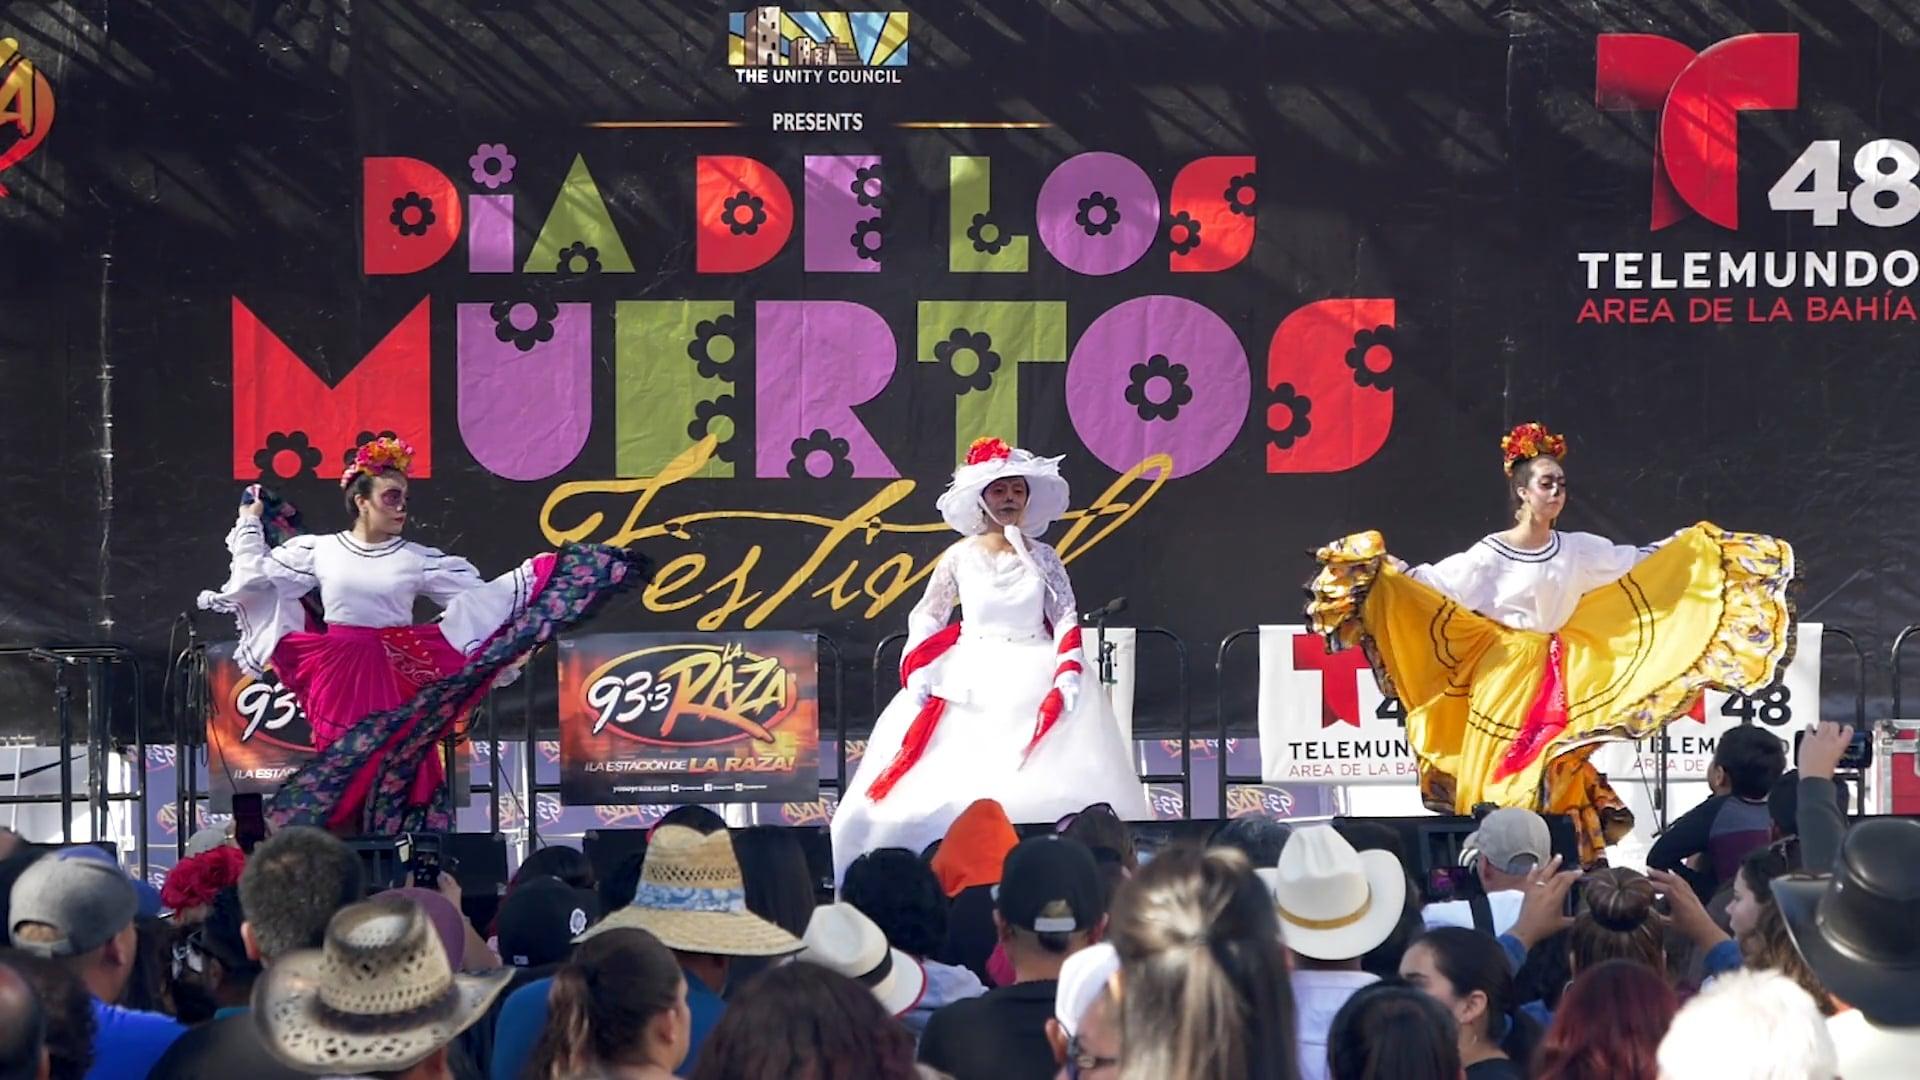 Large-scale Outdoor Festival Highlights: Dia de Los Muertos 2018